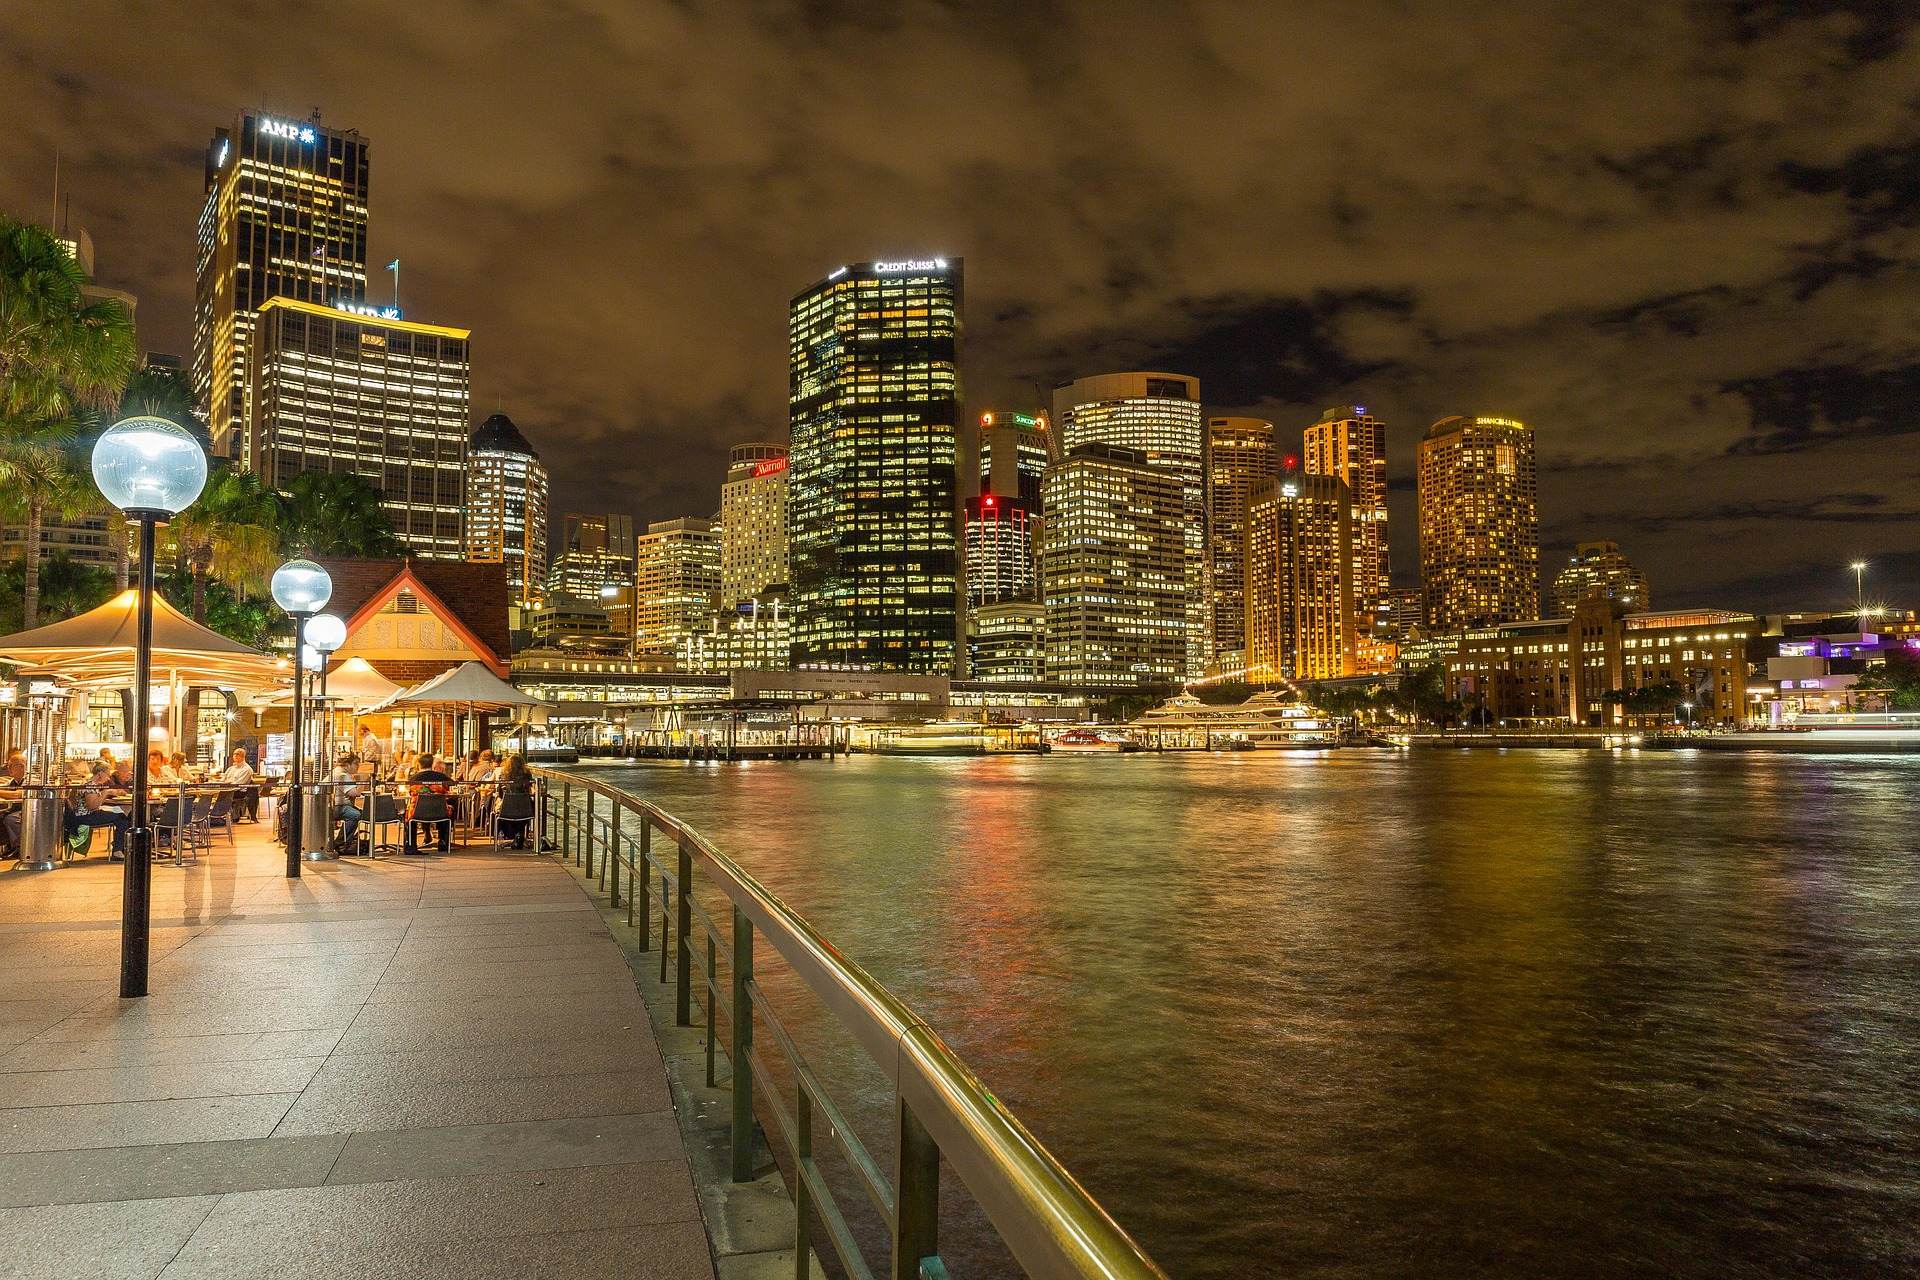 Amazing view at night in Sydney Harbour Bridge, Australia